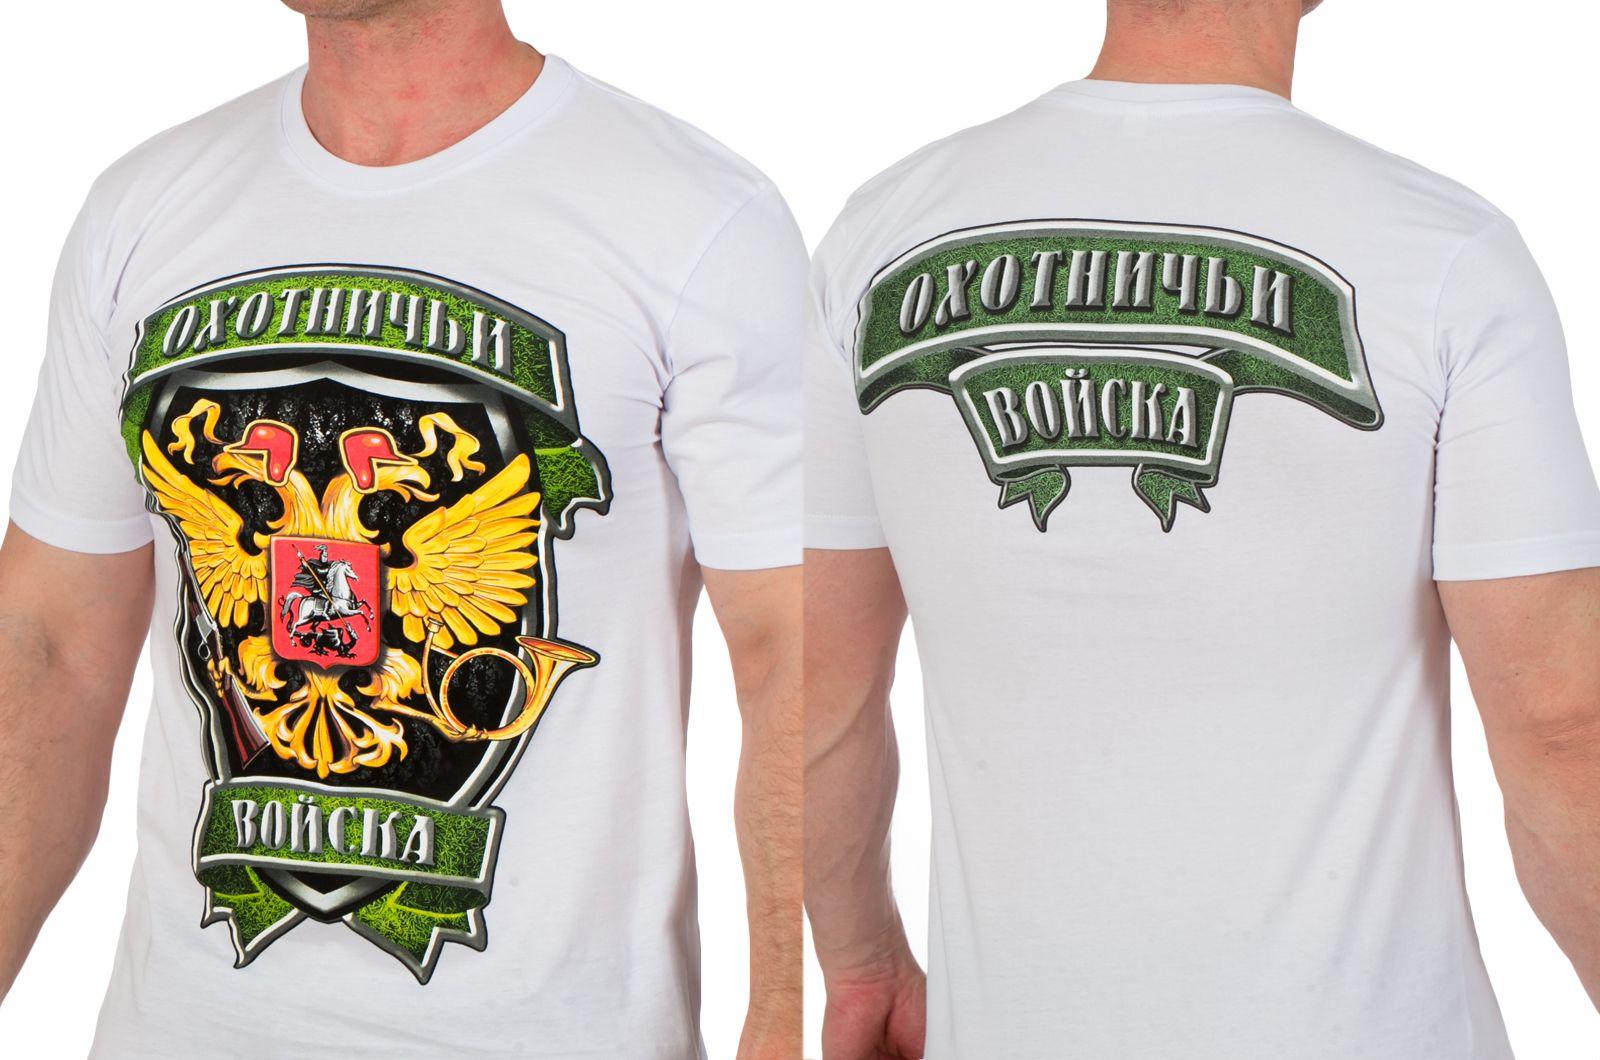 Хлопковые футболки Охотничьих войск с доставкой